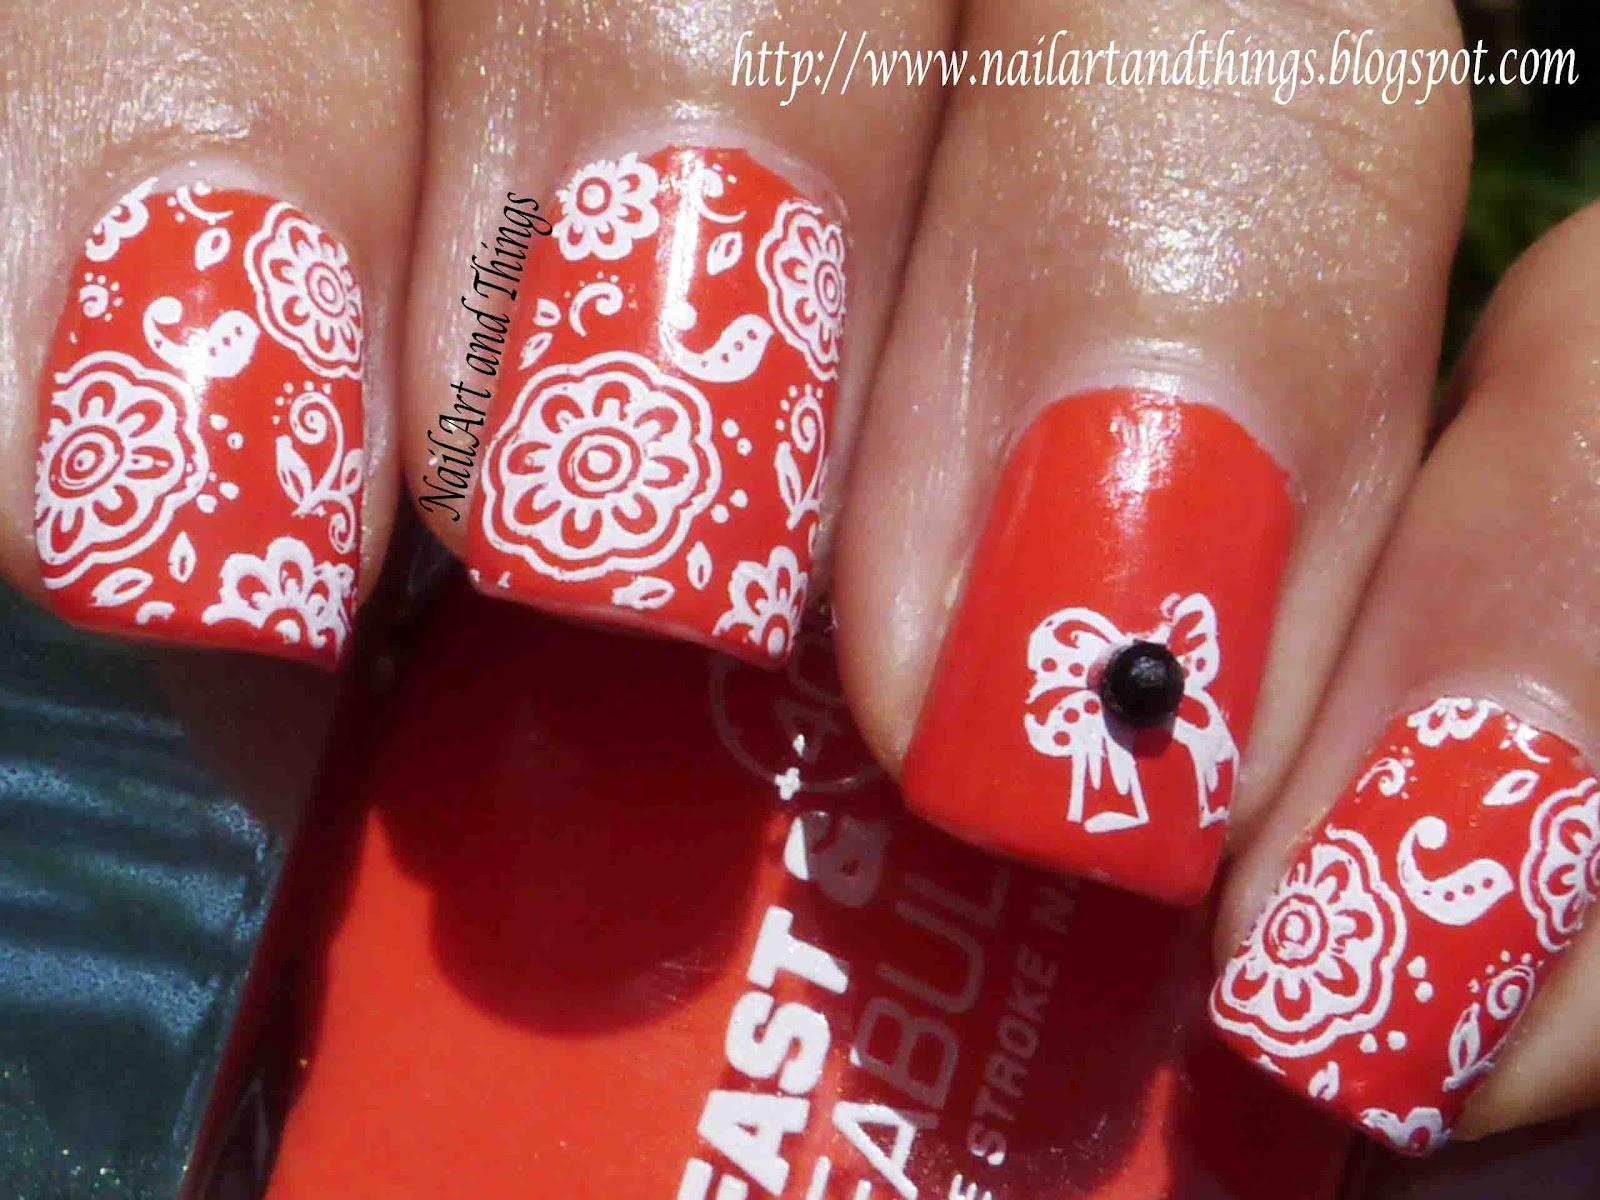 NailArt and Things: Lakmé Flaming Orange + Indian Nail Art